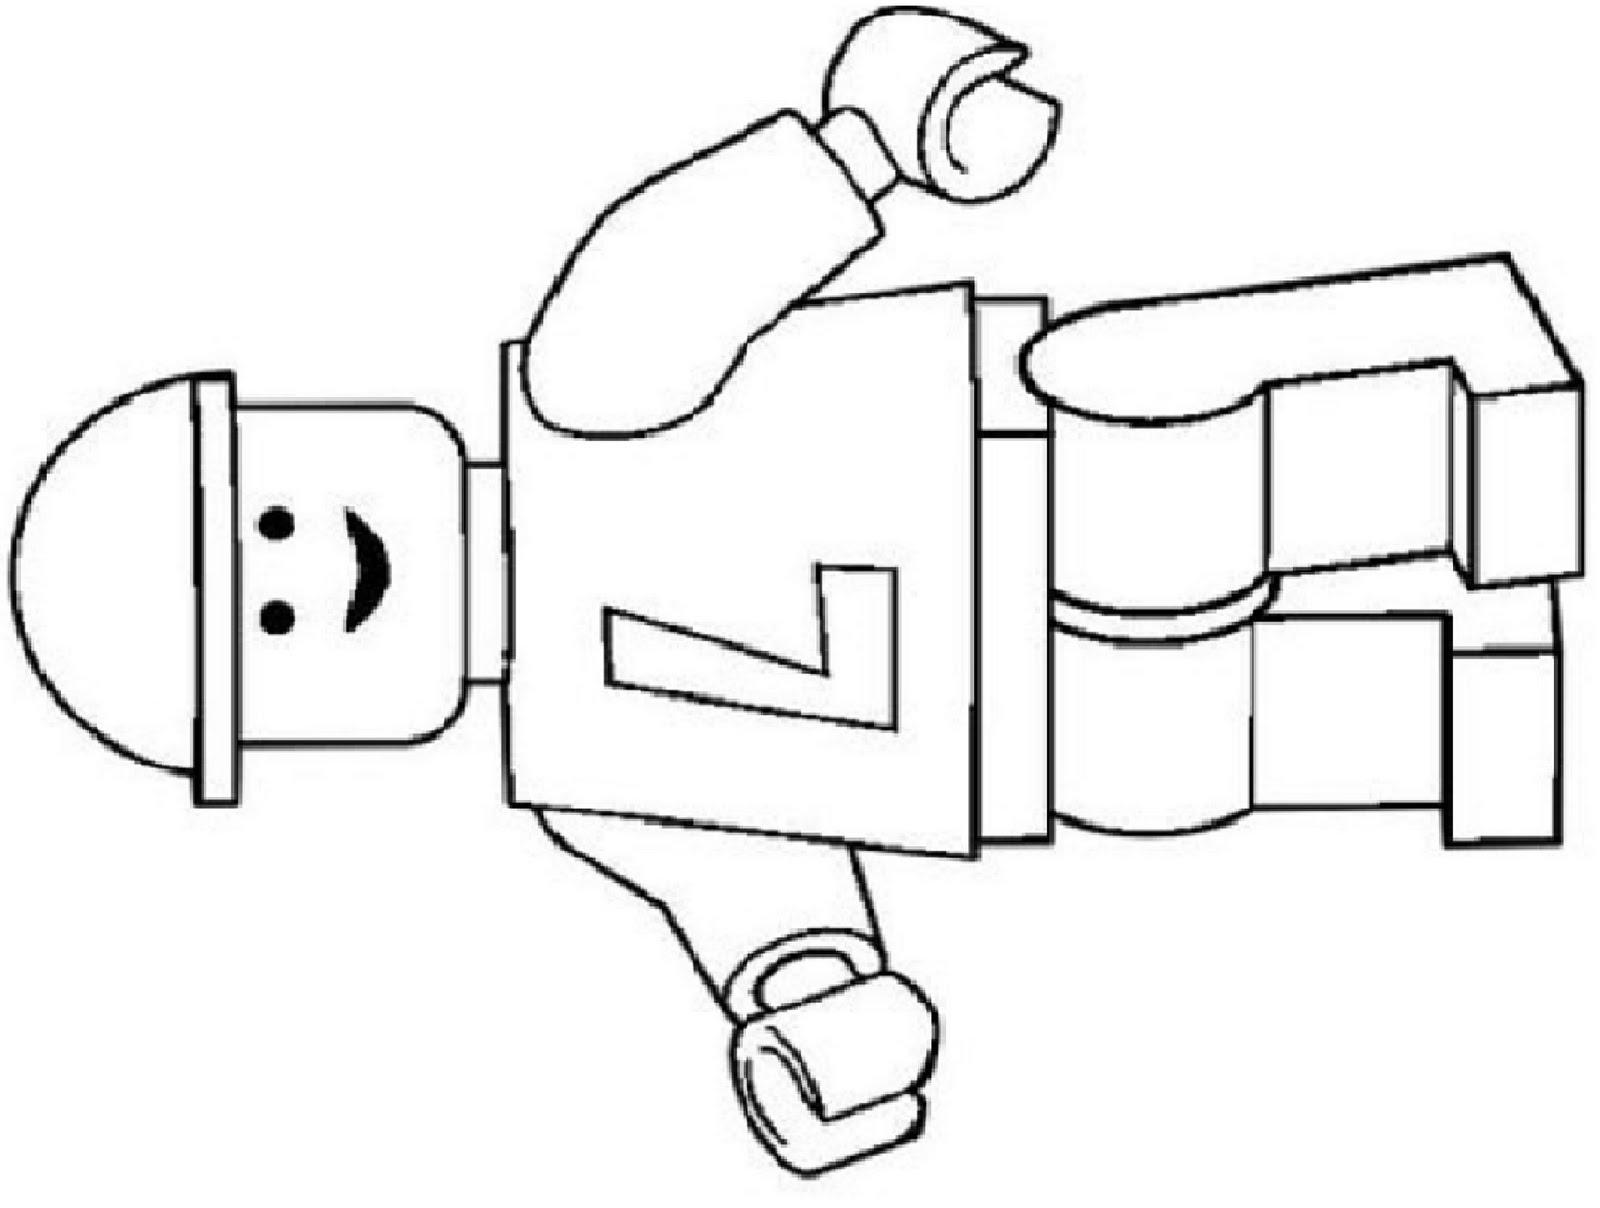 Lego Person Clipart